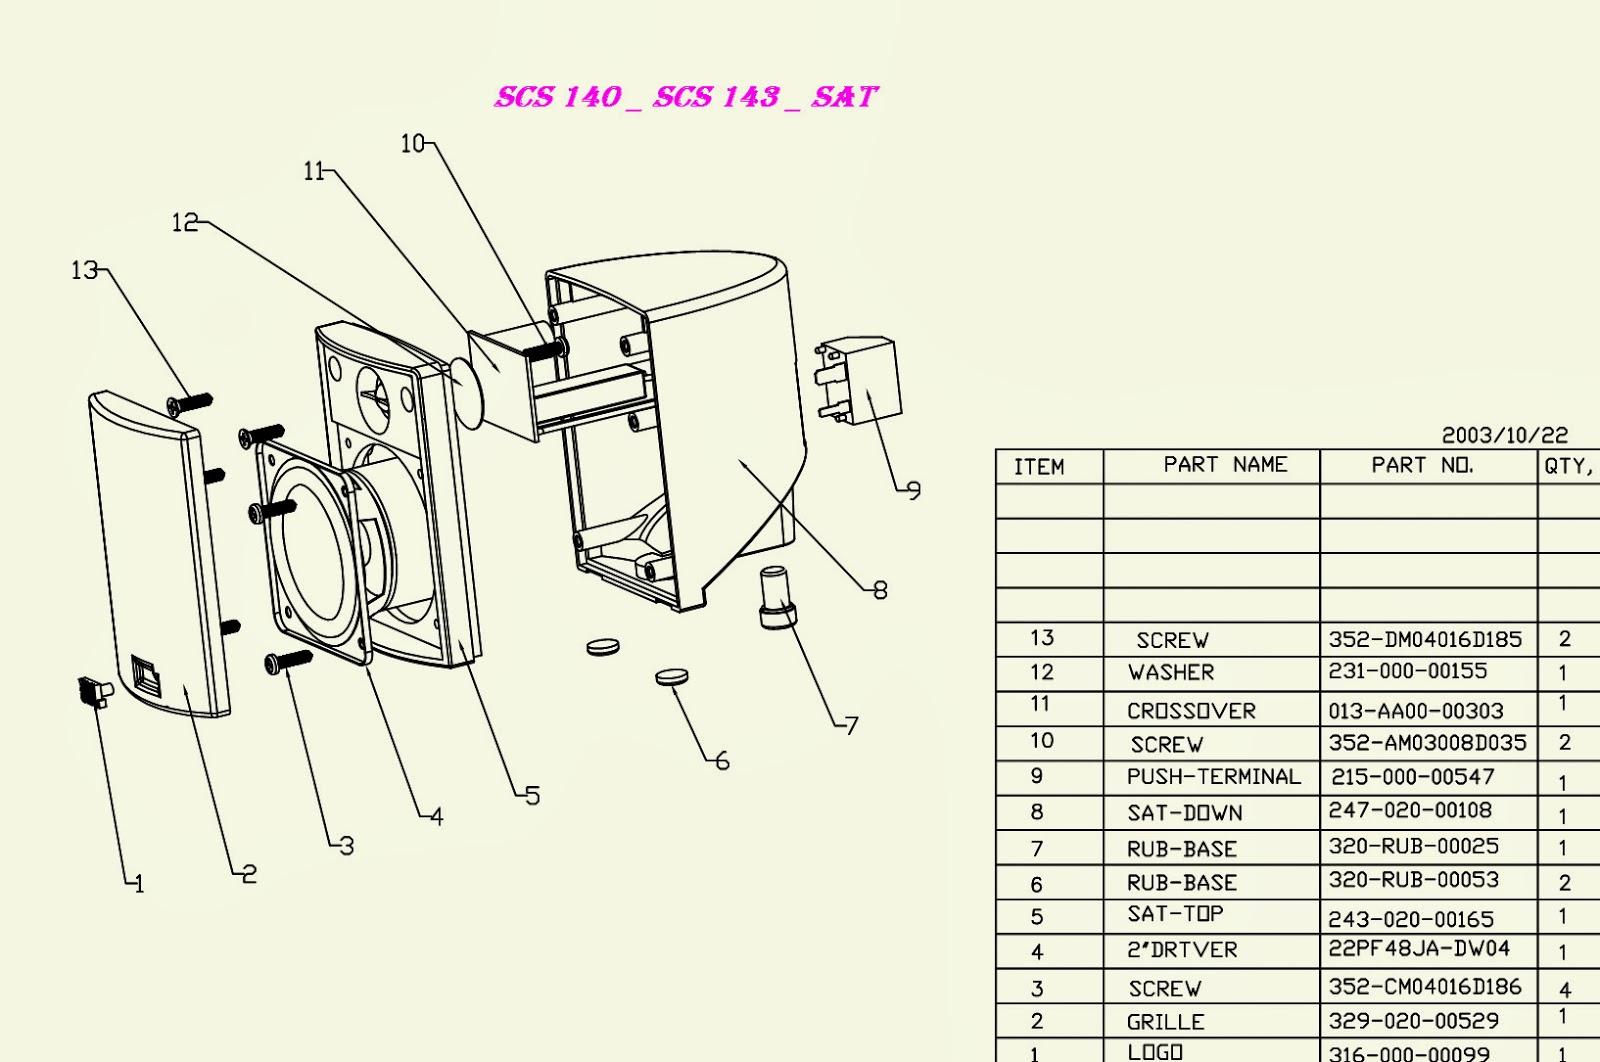 medium resolution of jbl scs 140 scs146 schematic diagram